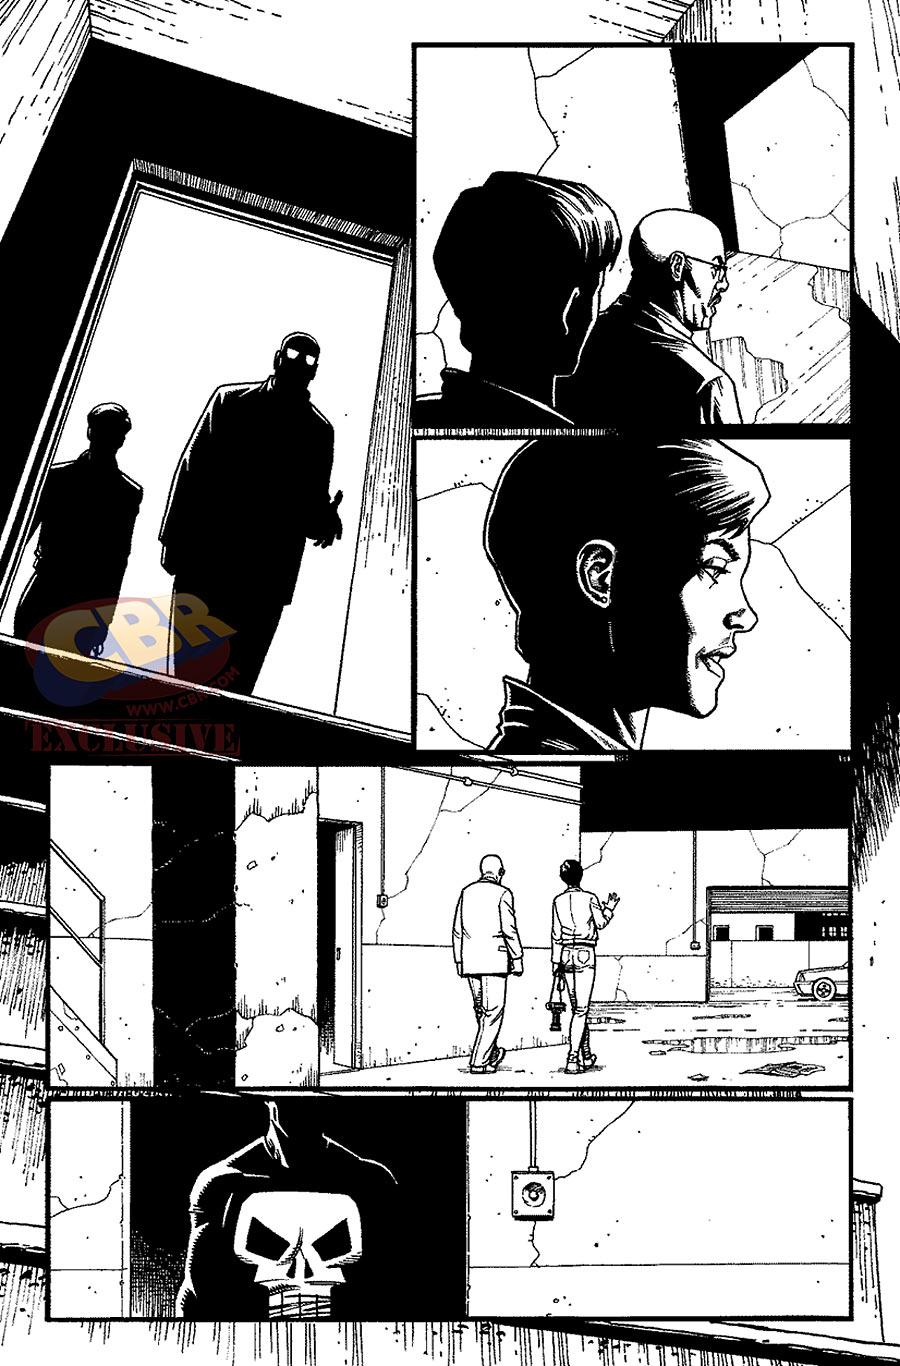 Punisher #1, anteprima 03